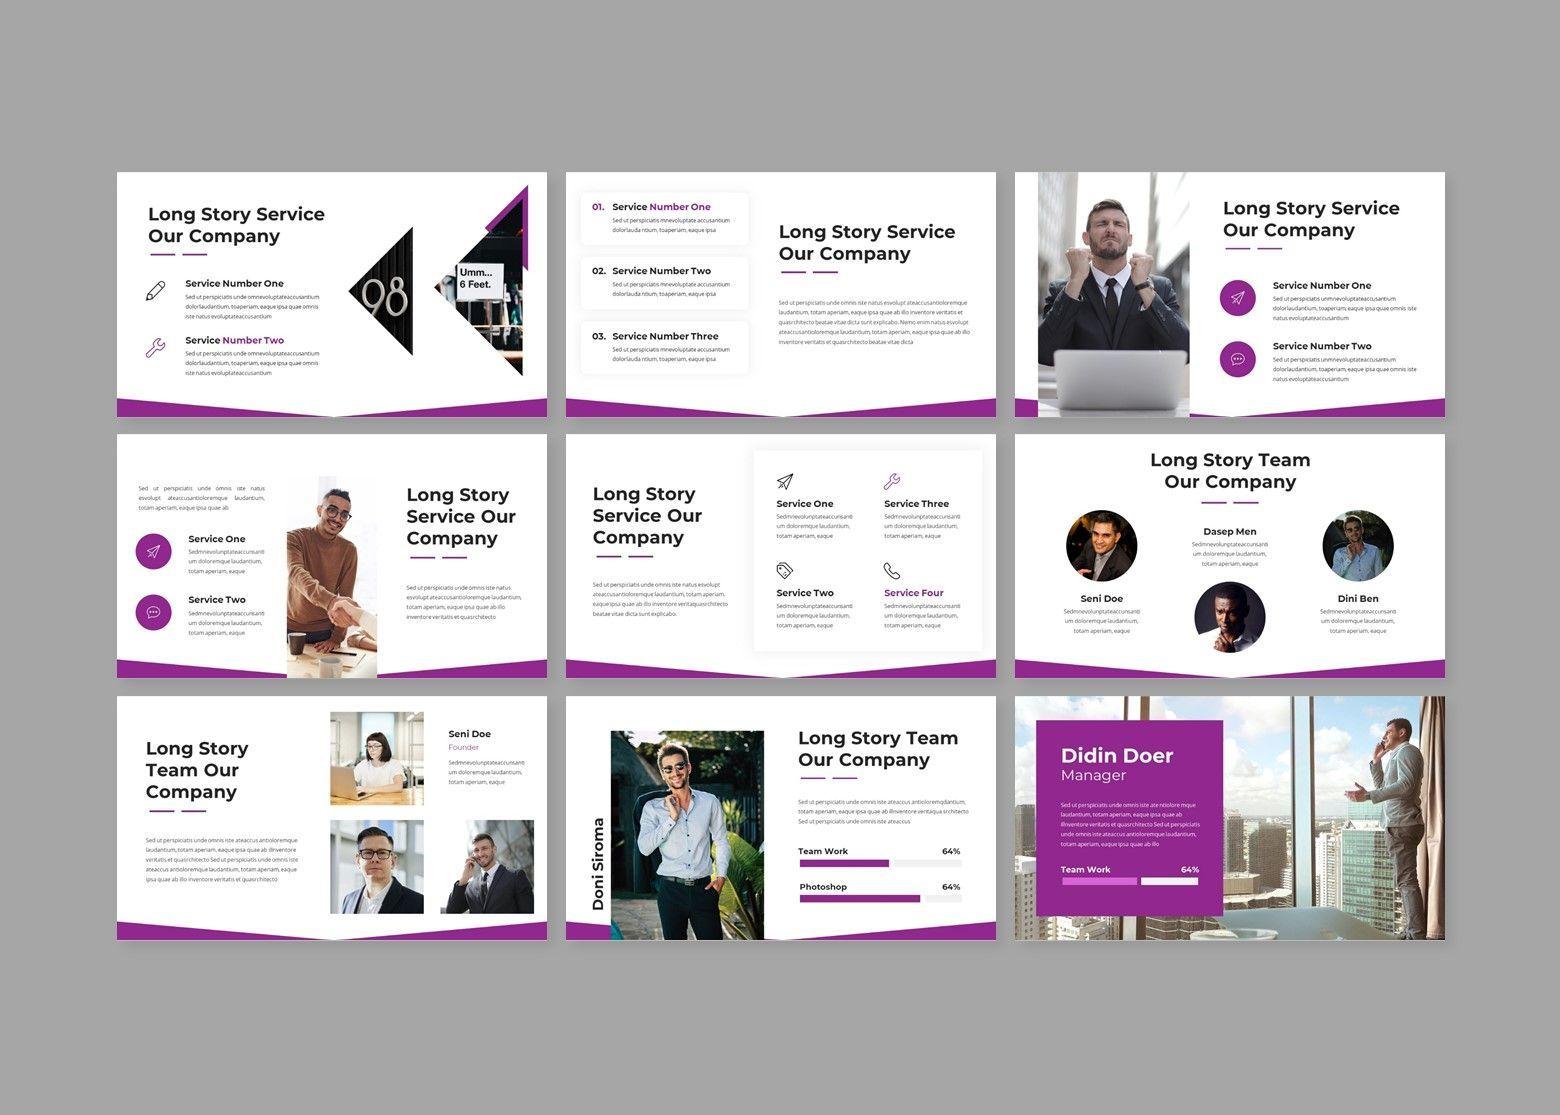 Woless Business PowerPoint Template, Slide 3, 08121, Business Models — PoweredTemplate.com